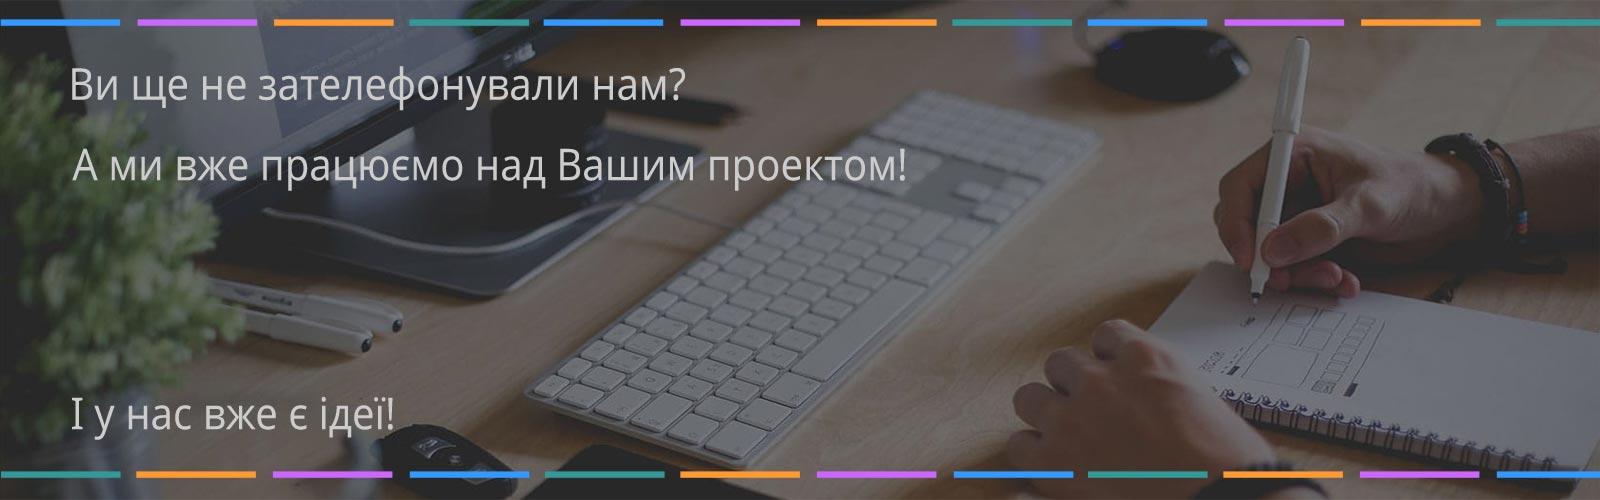 FOBS - розробка сайтів, інтернет-магазинів